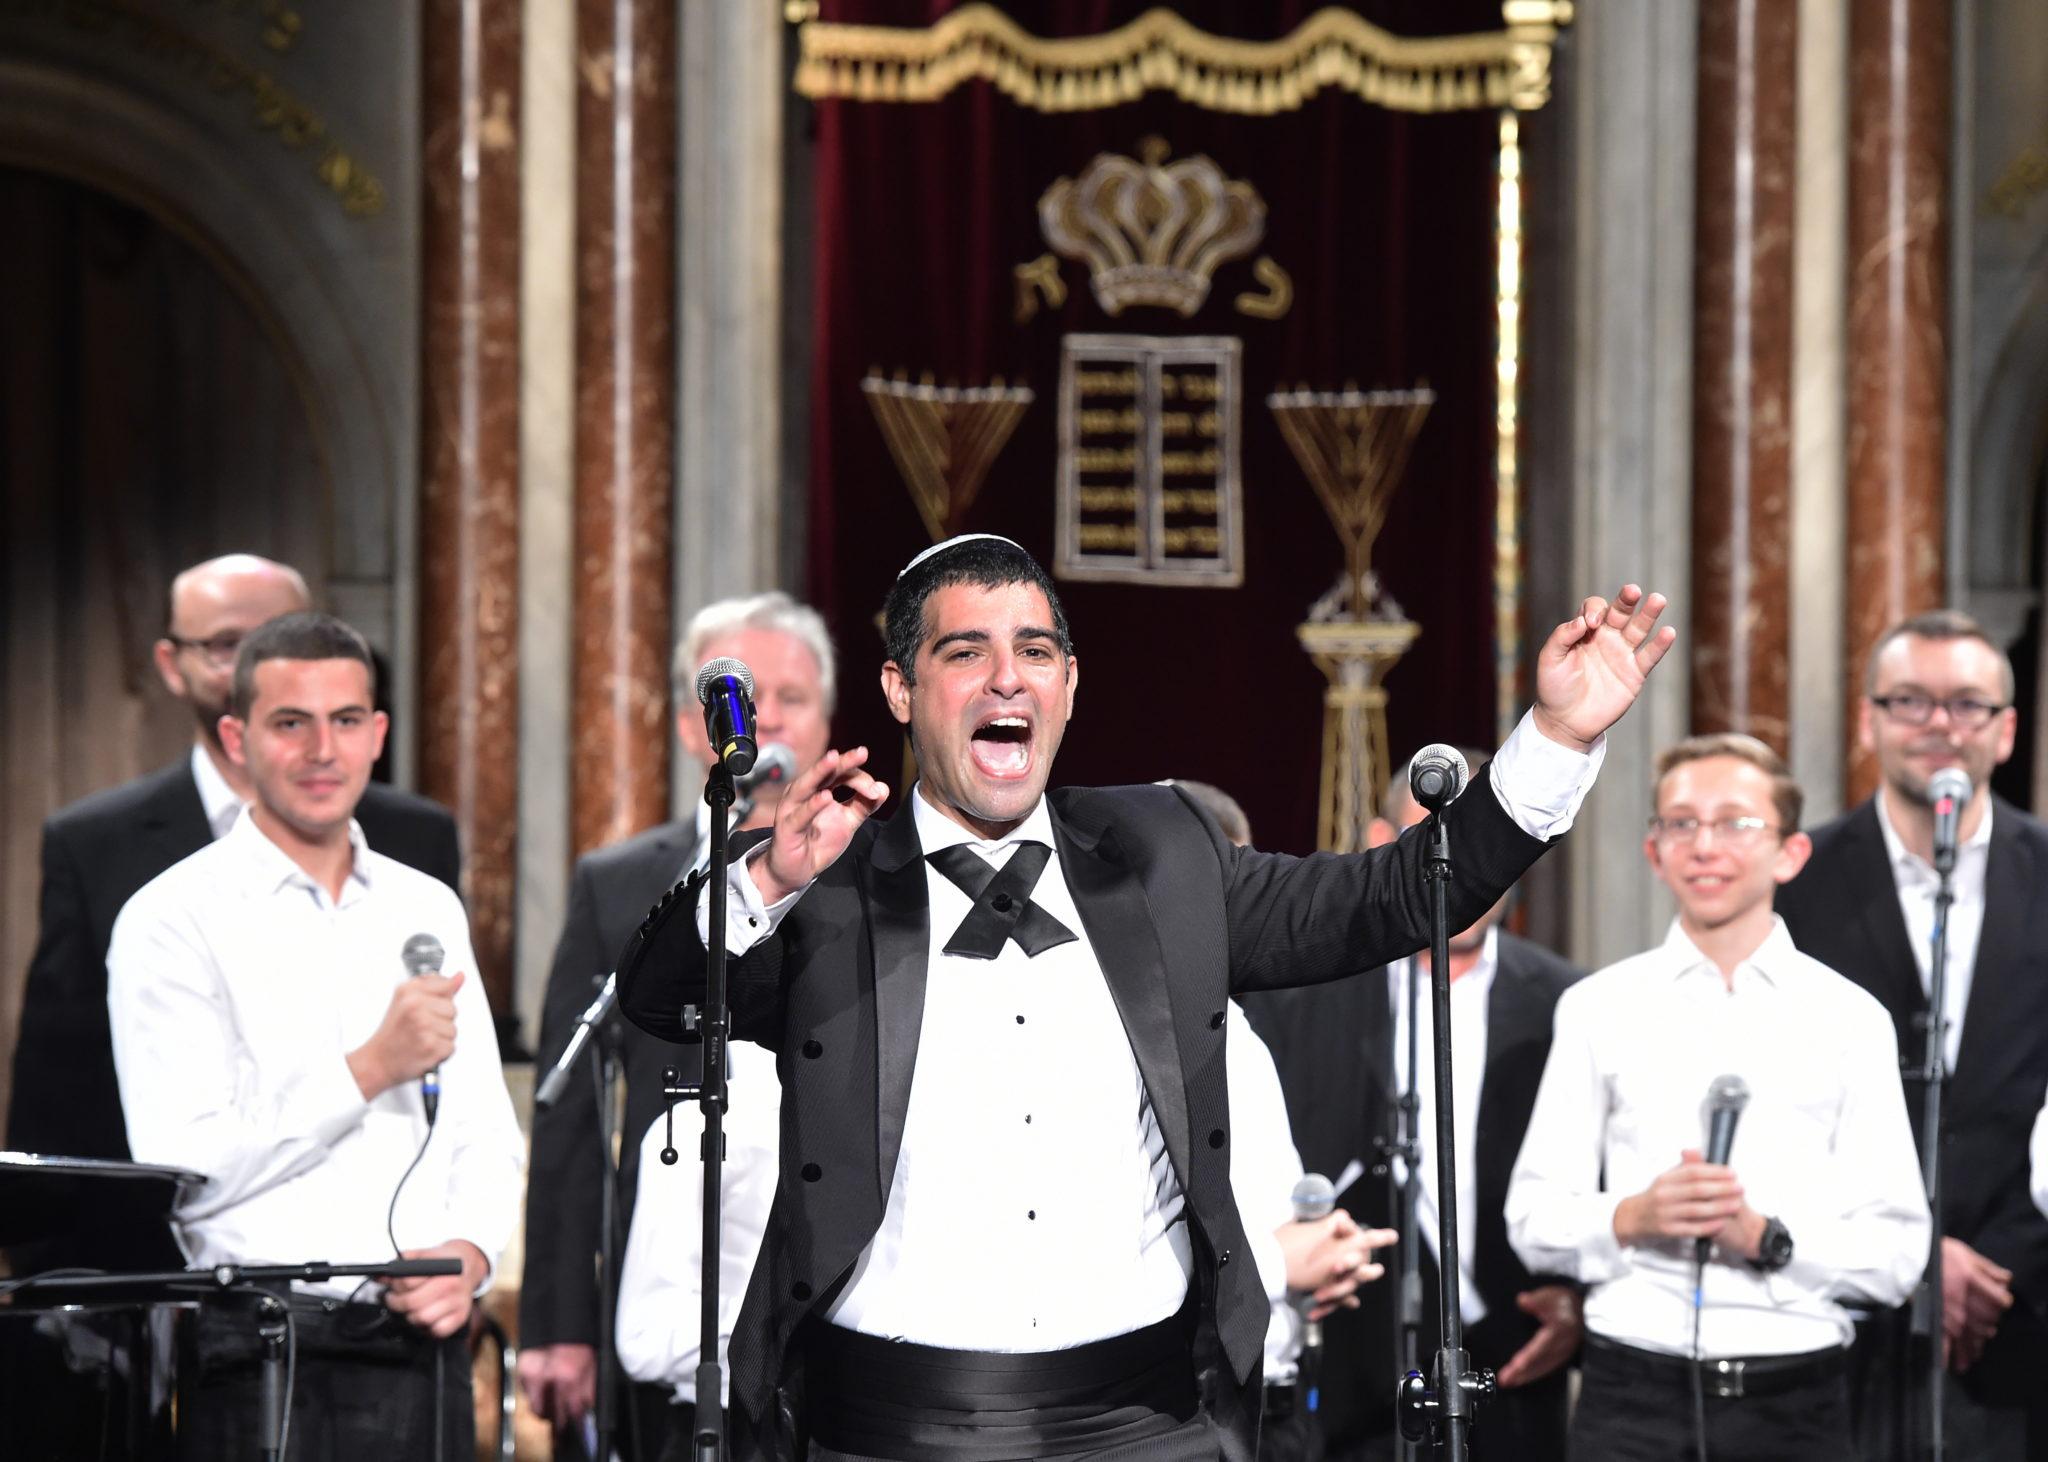 Kraków, koncert kantorów w synagodze Tempel oficjalnie inaugurującego Festiwal Kultury Żydowskiej w Krakowie, fot: PAP/Jacek Bednarczyk